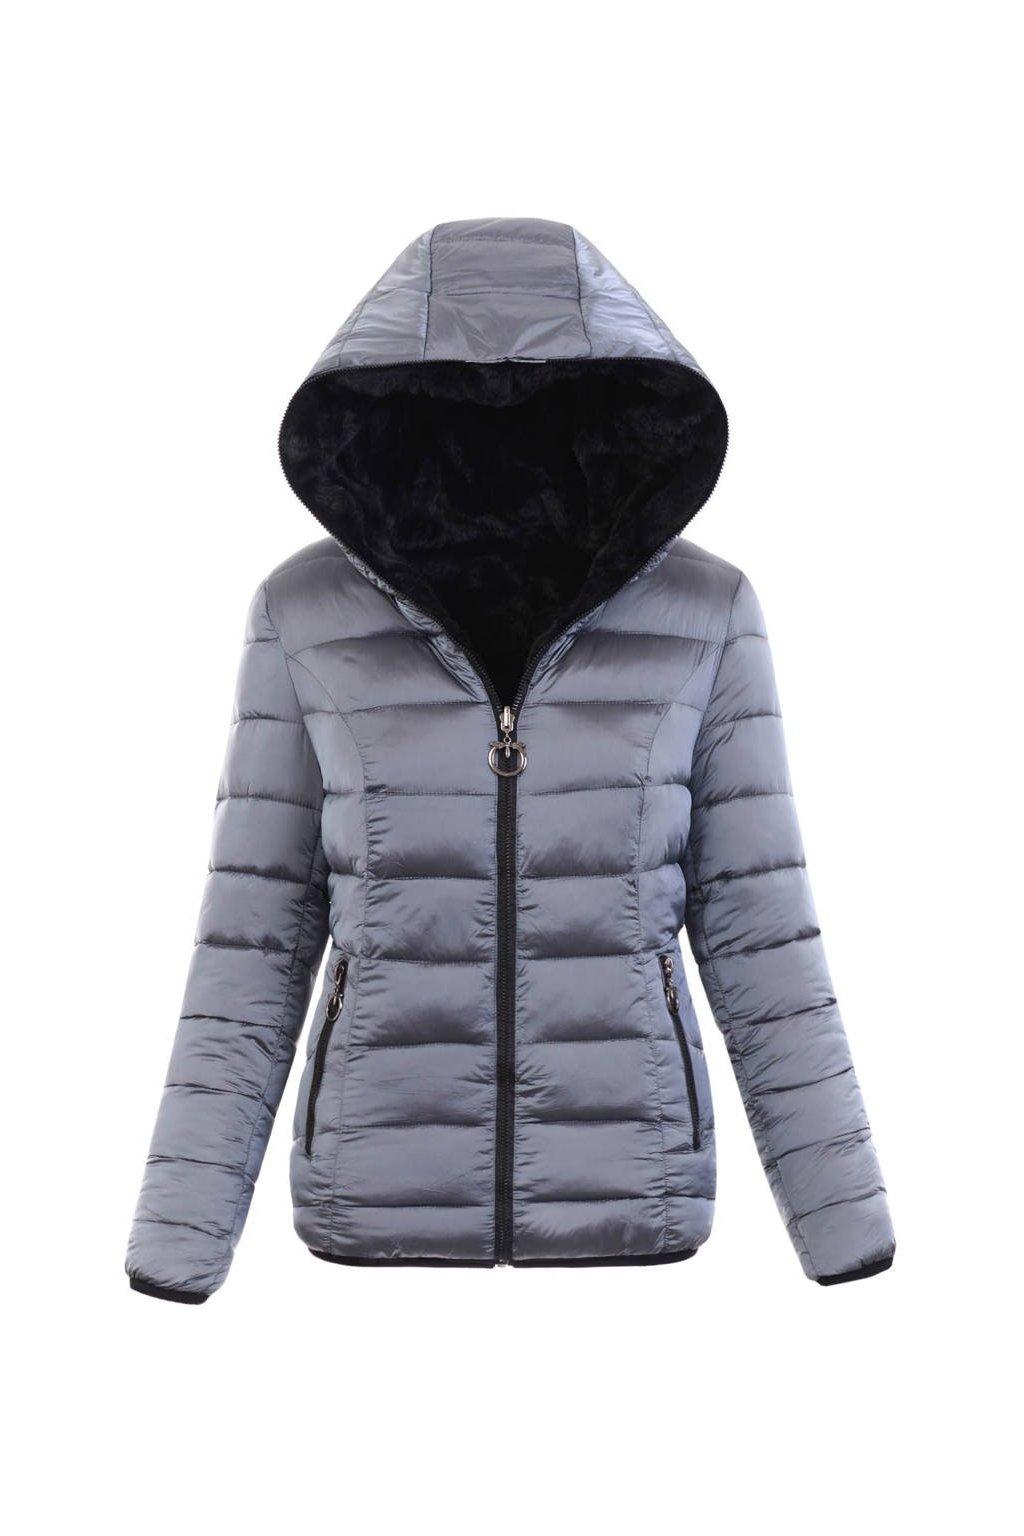 Dámska zimná bunda s kapucňou 6006 šedá